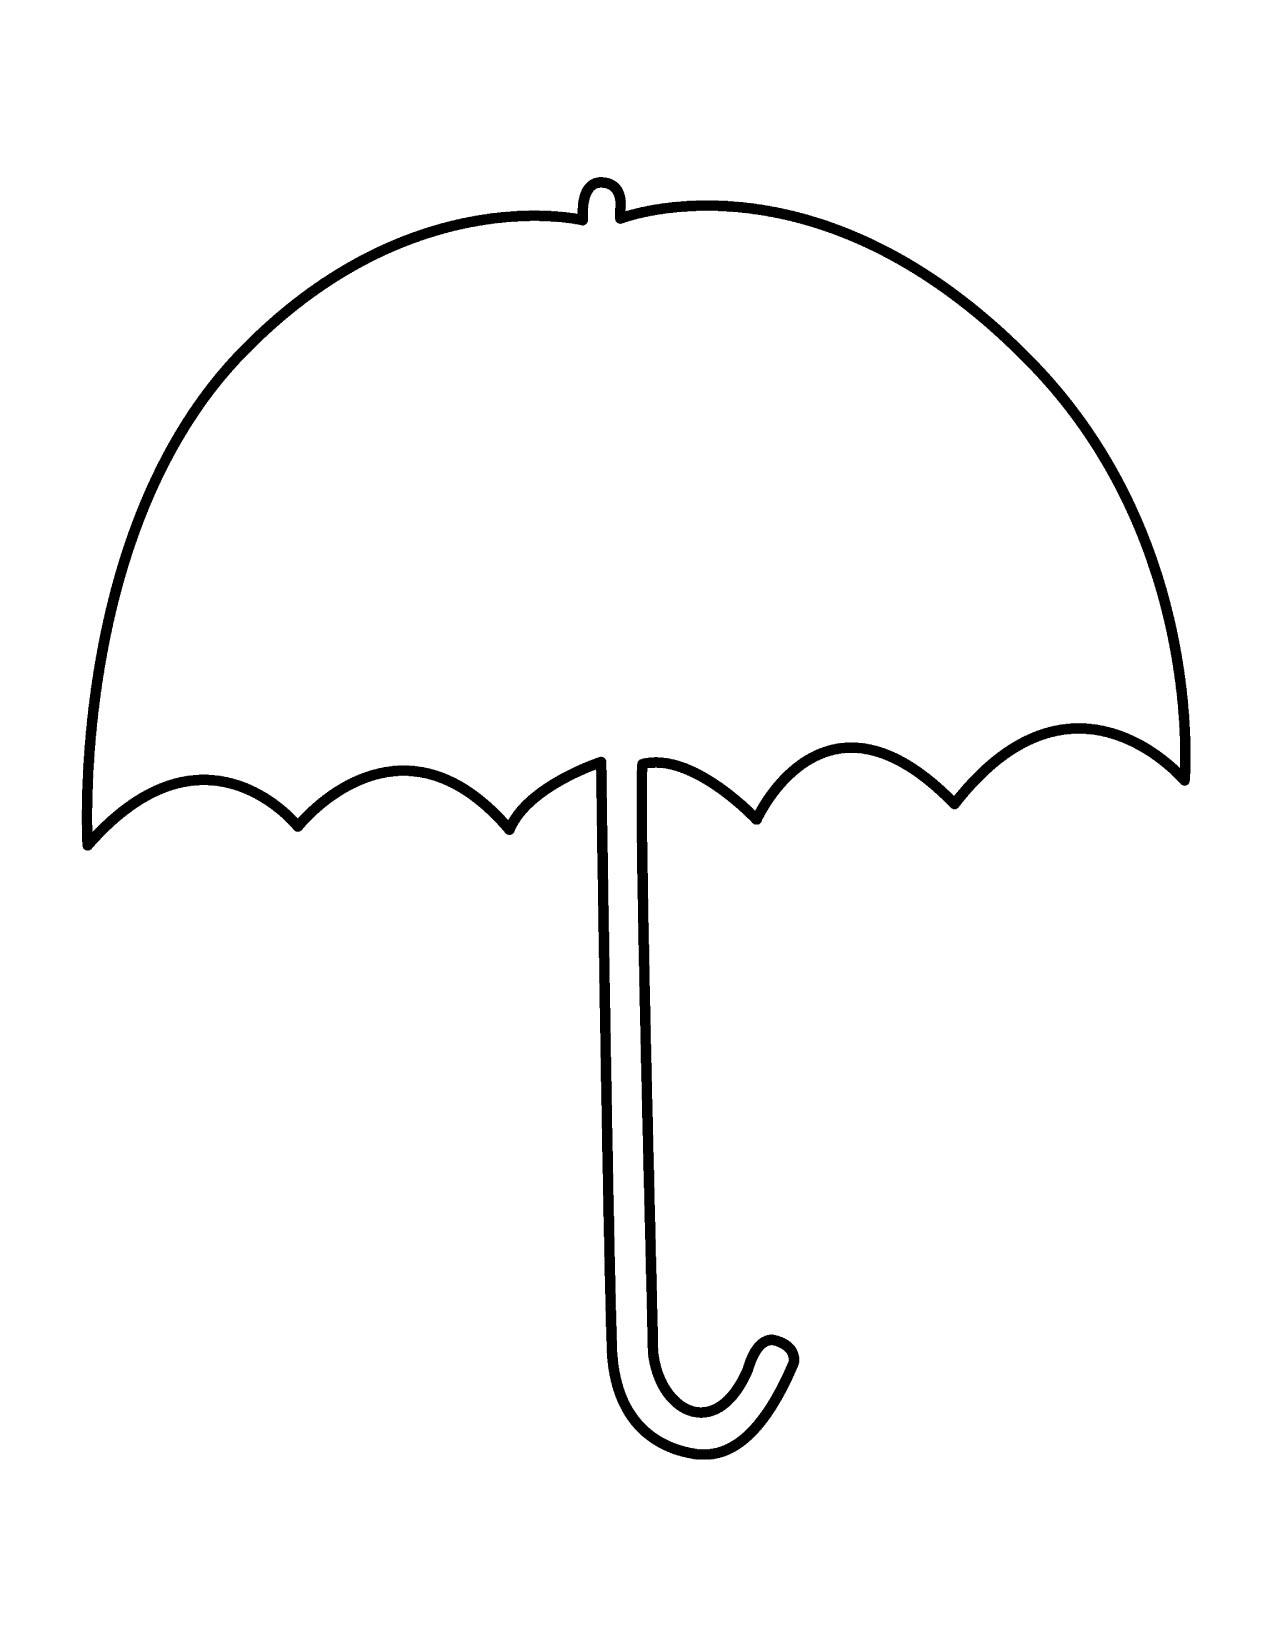 Umbrella black and white clipart